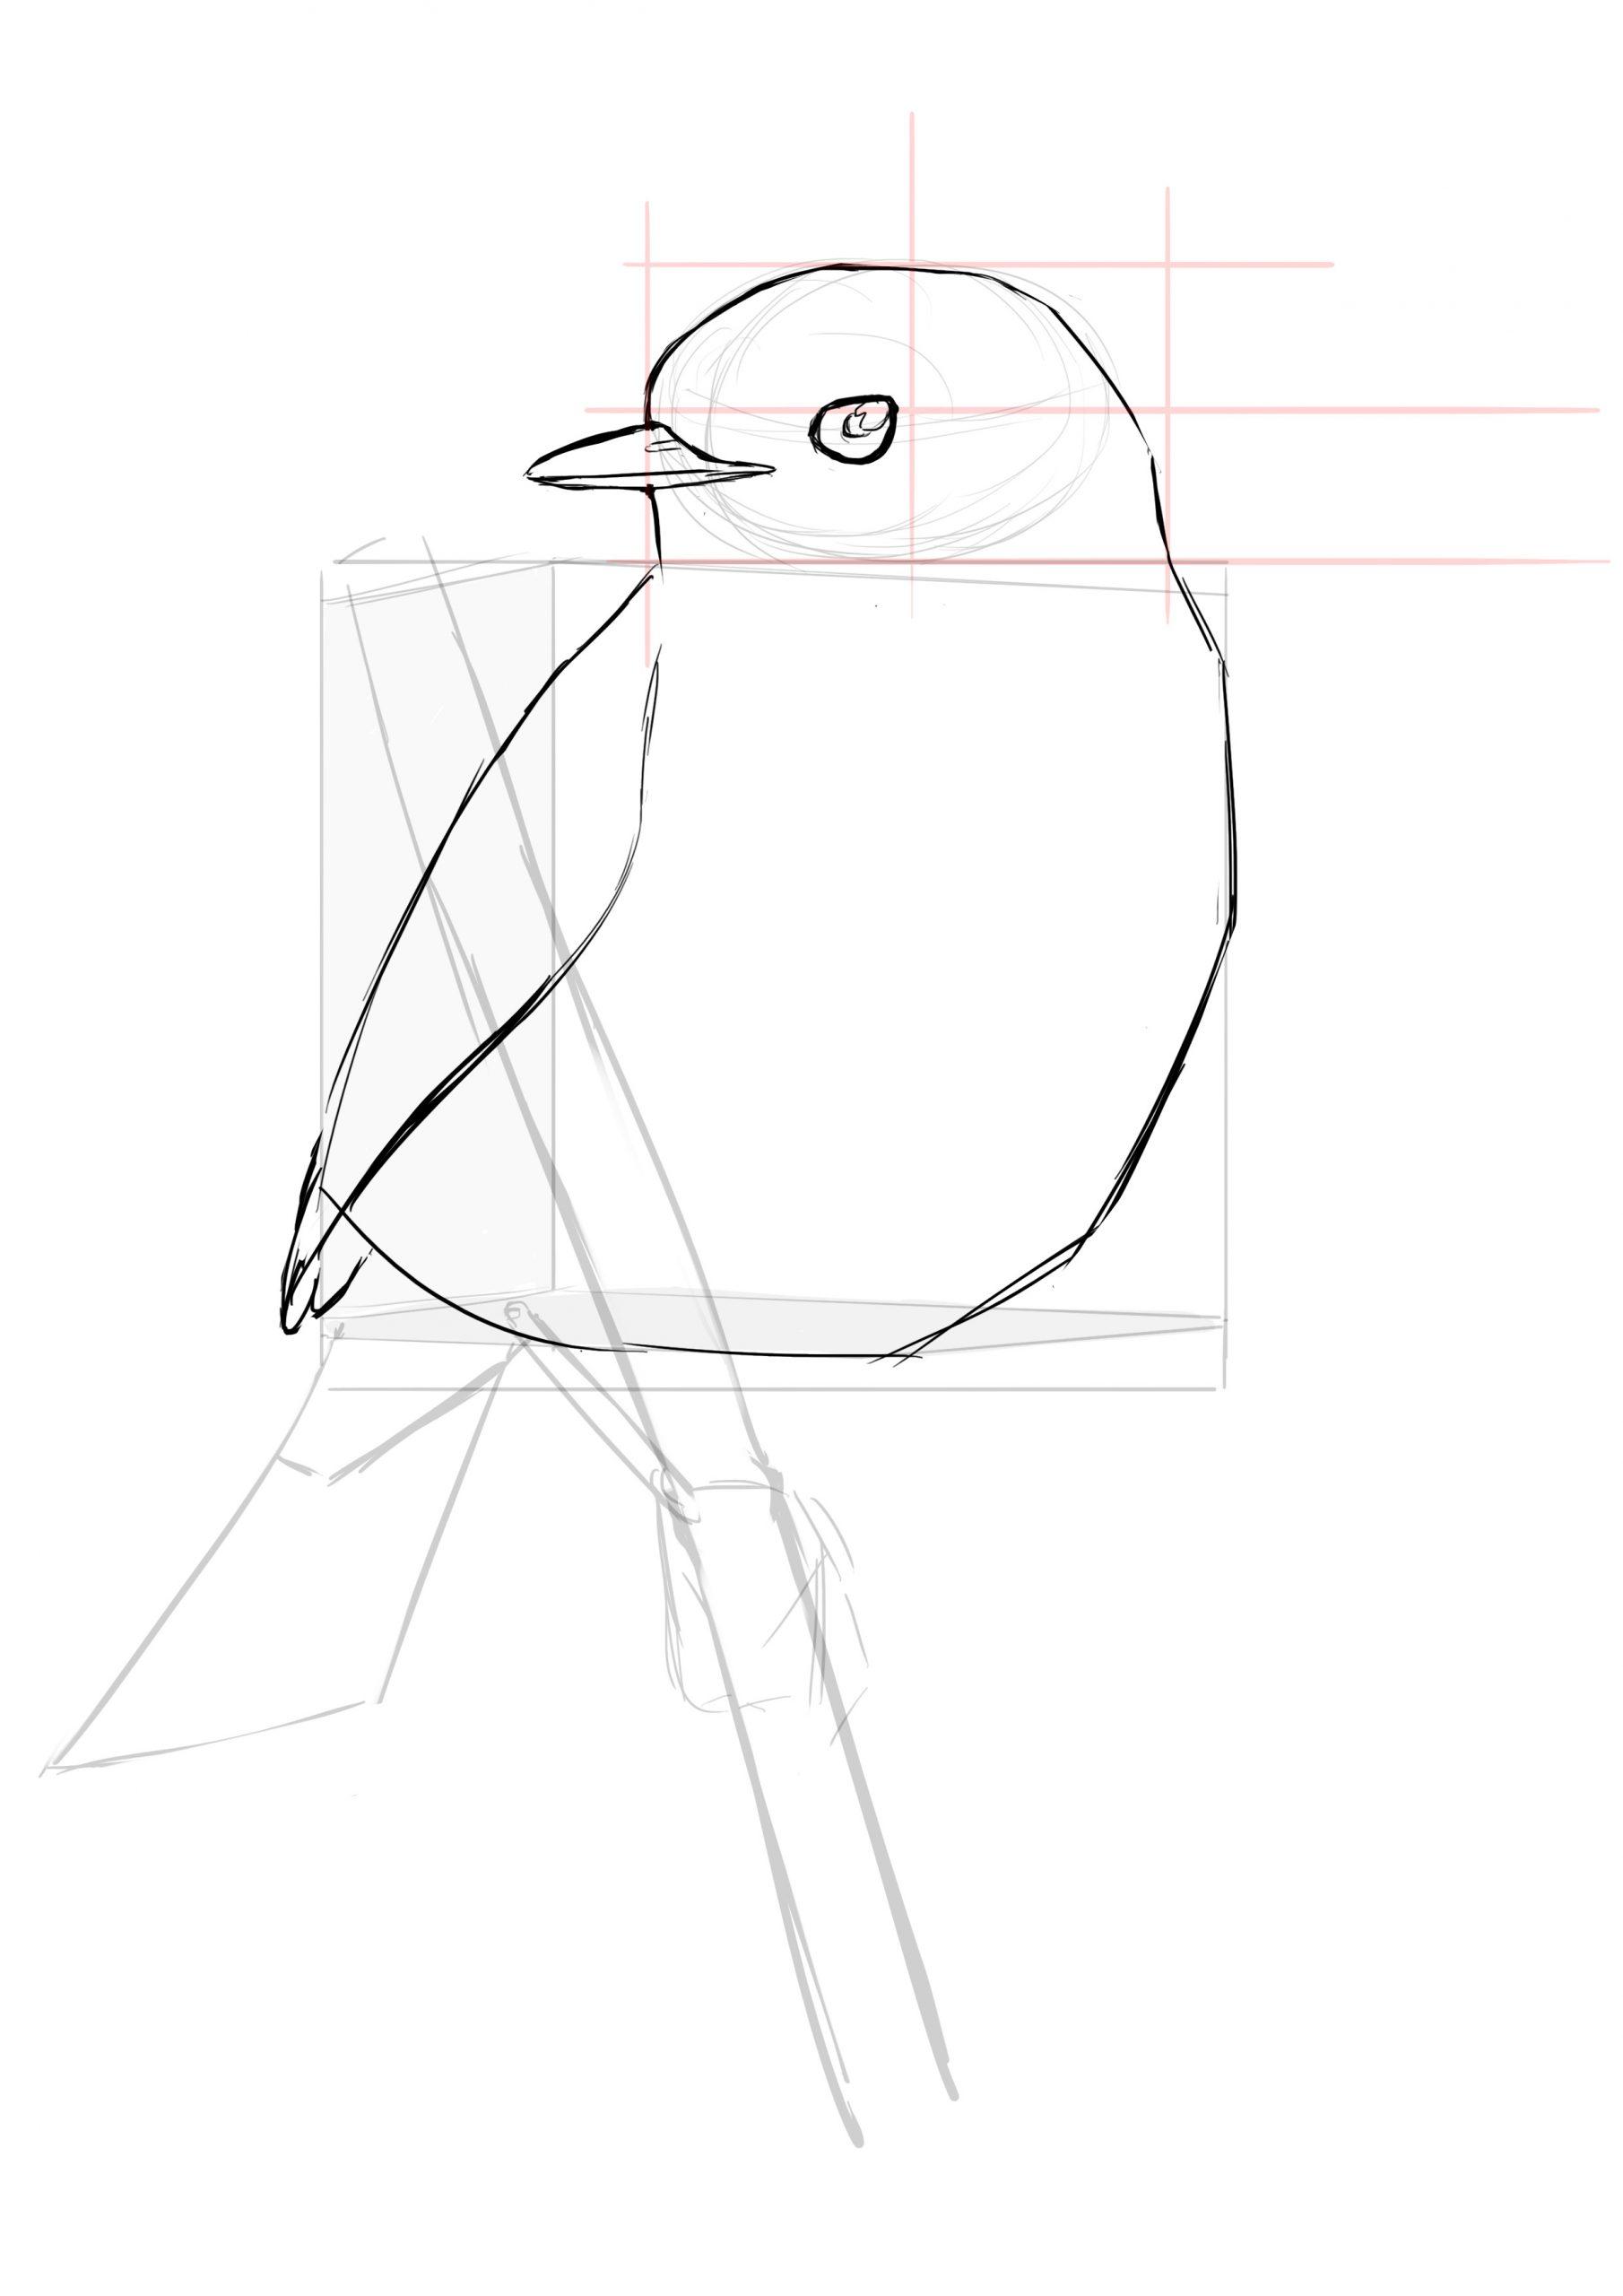 Comment Dessiner Un Oiseau Facilement - Dessindigo dedans Dessin D Oiseau Simple